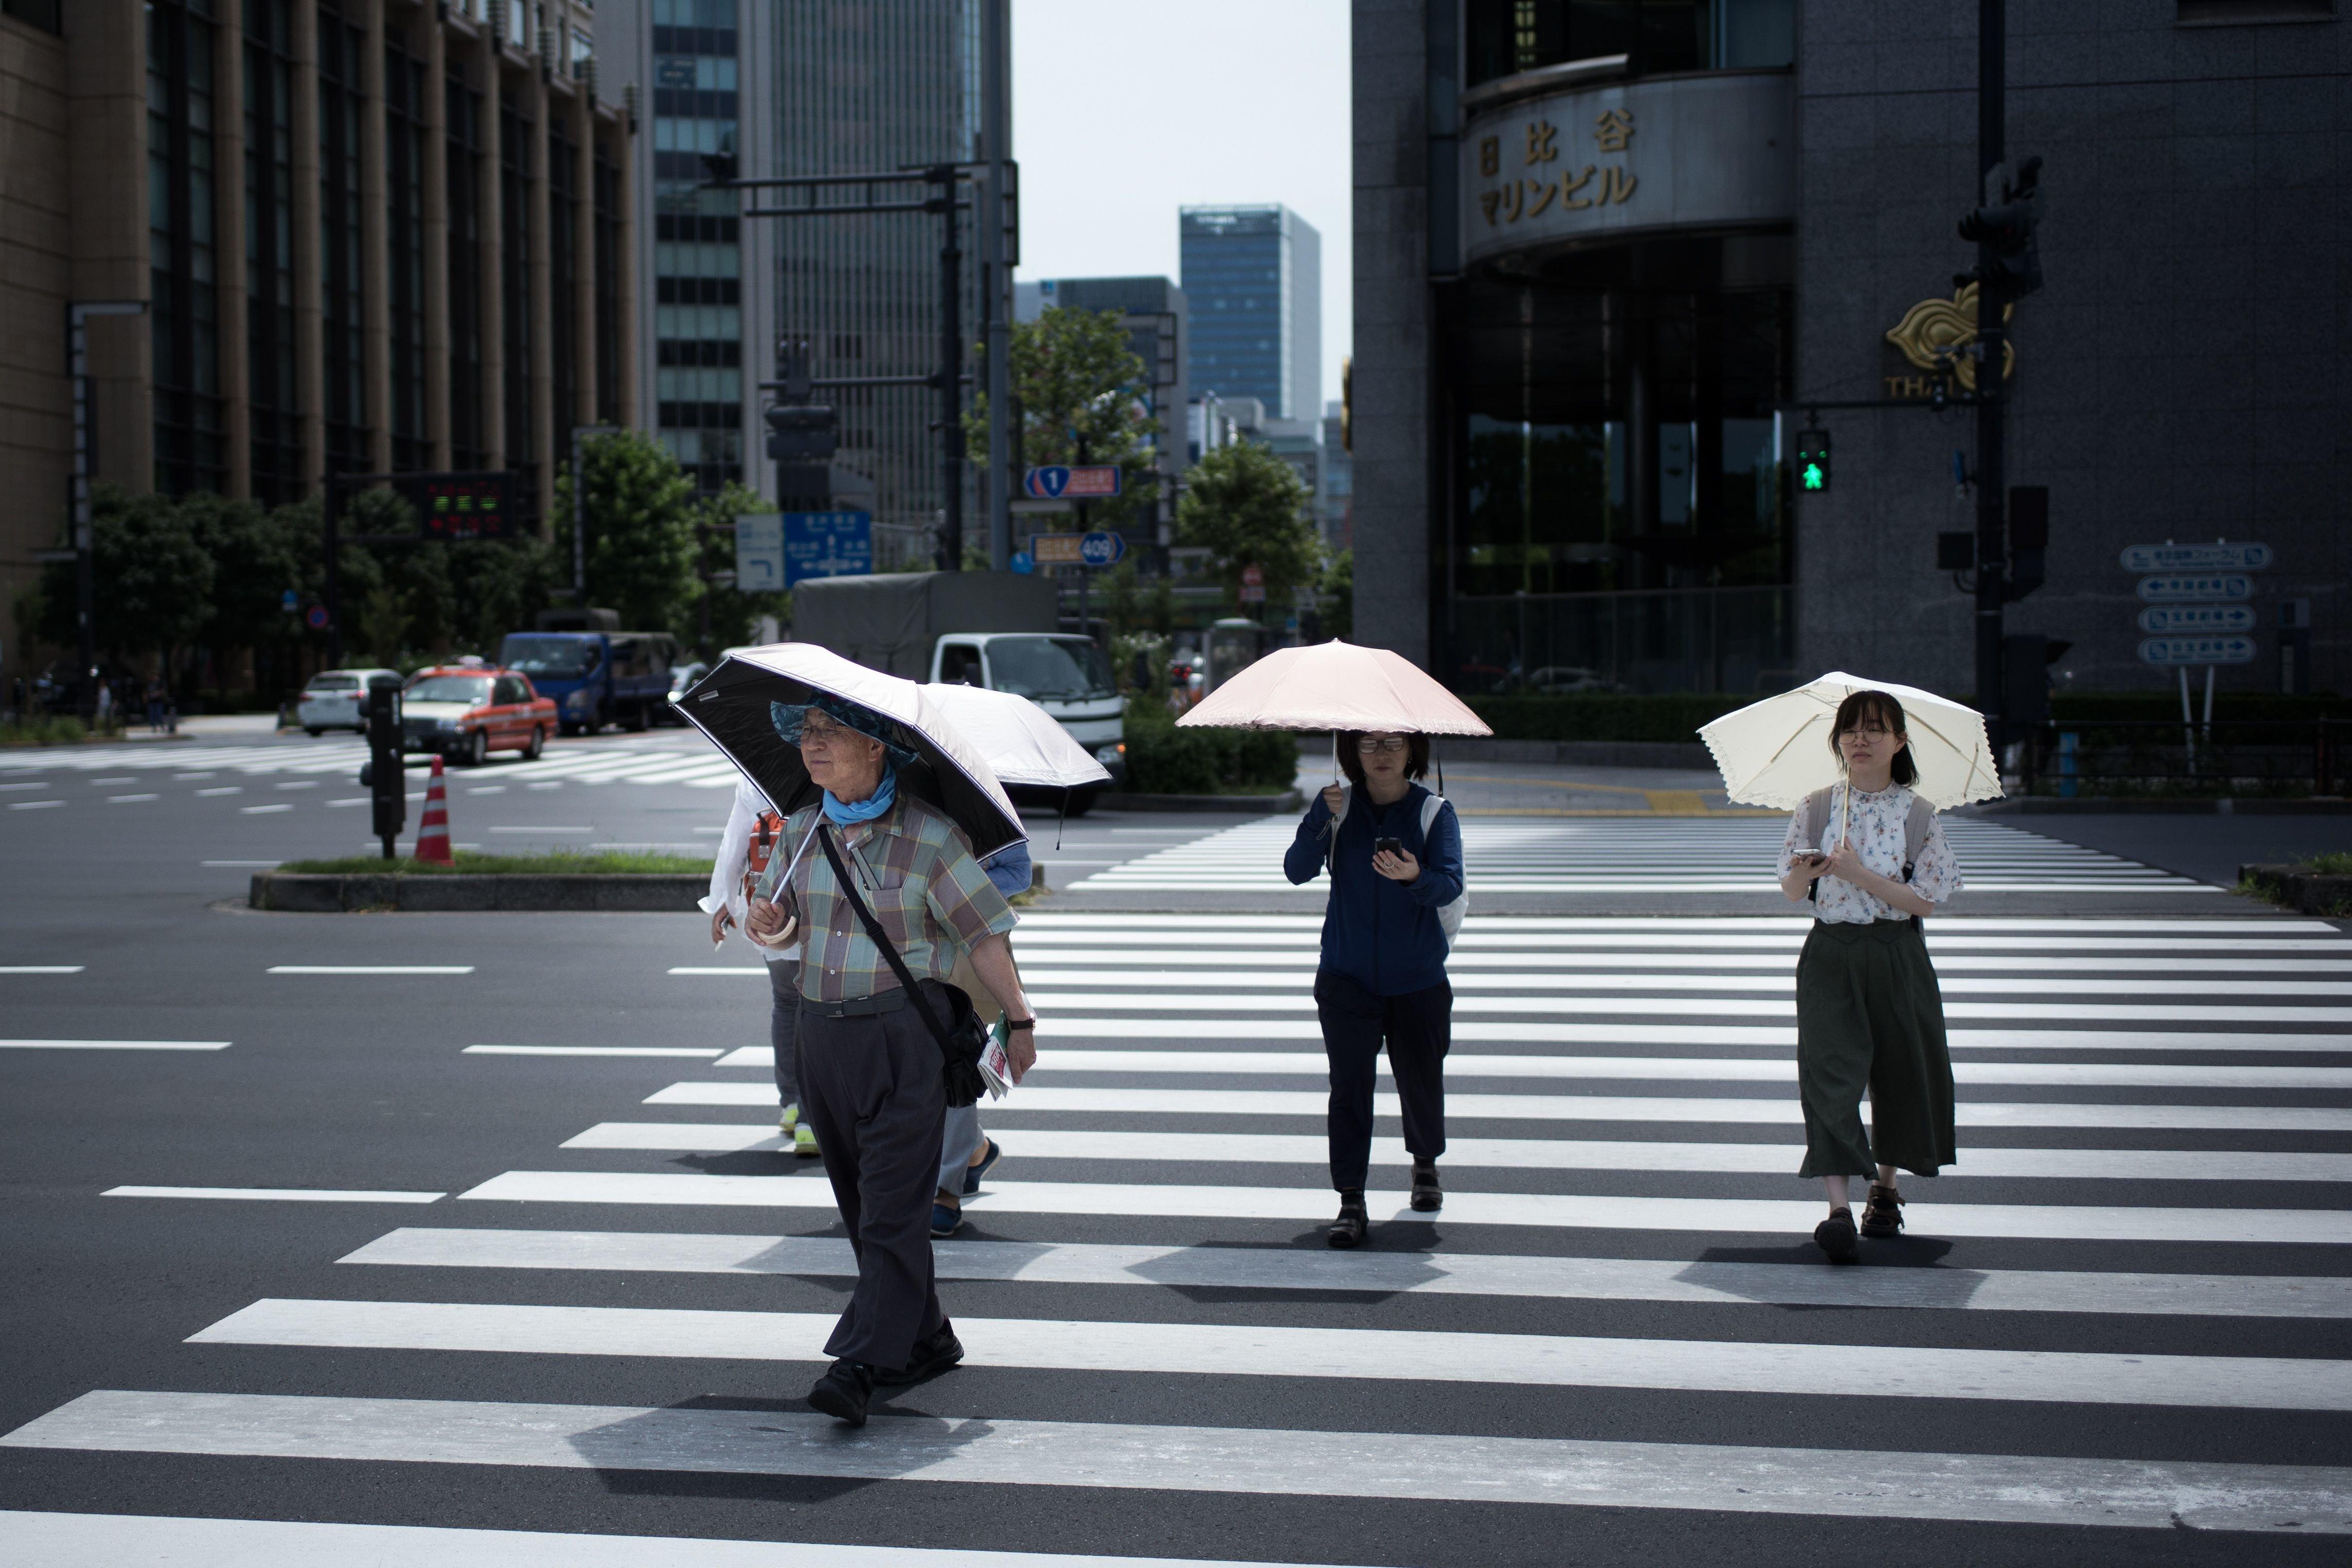 Τουλάχιστον 80 οι νεκροί από το κύμα ζέστης στην Ιαπωνία, 35.000 άνθρωποι στα